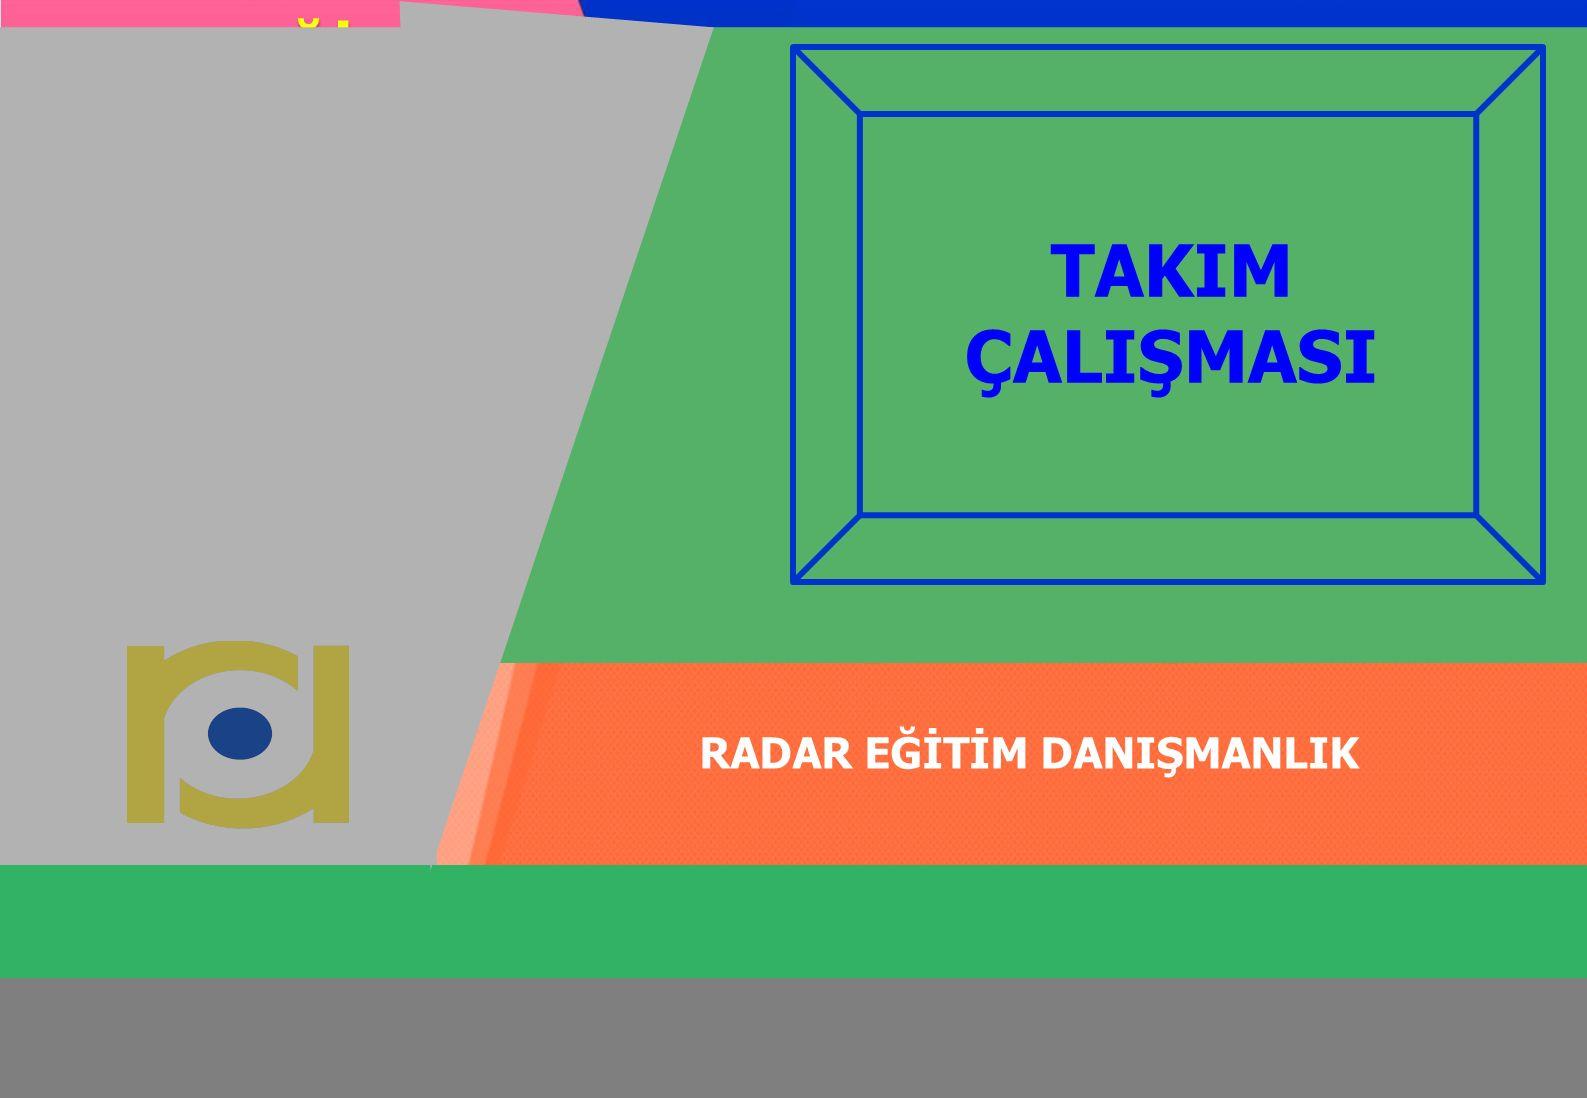 radardanismanlik.com.tr 1 RADAR EĞİTİM DANIŞMANLIK radardanismanlik.com.tr EĞİTİMDE KALİTE RADAR EĞİTİM DANIŞMANLIK TAKIM ÇALIŞMASI